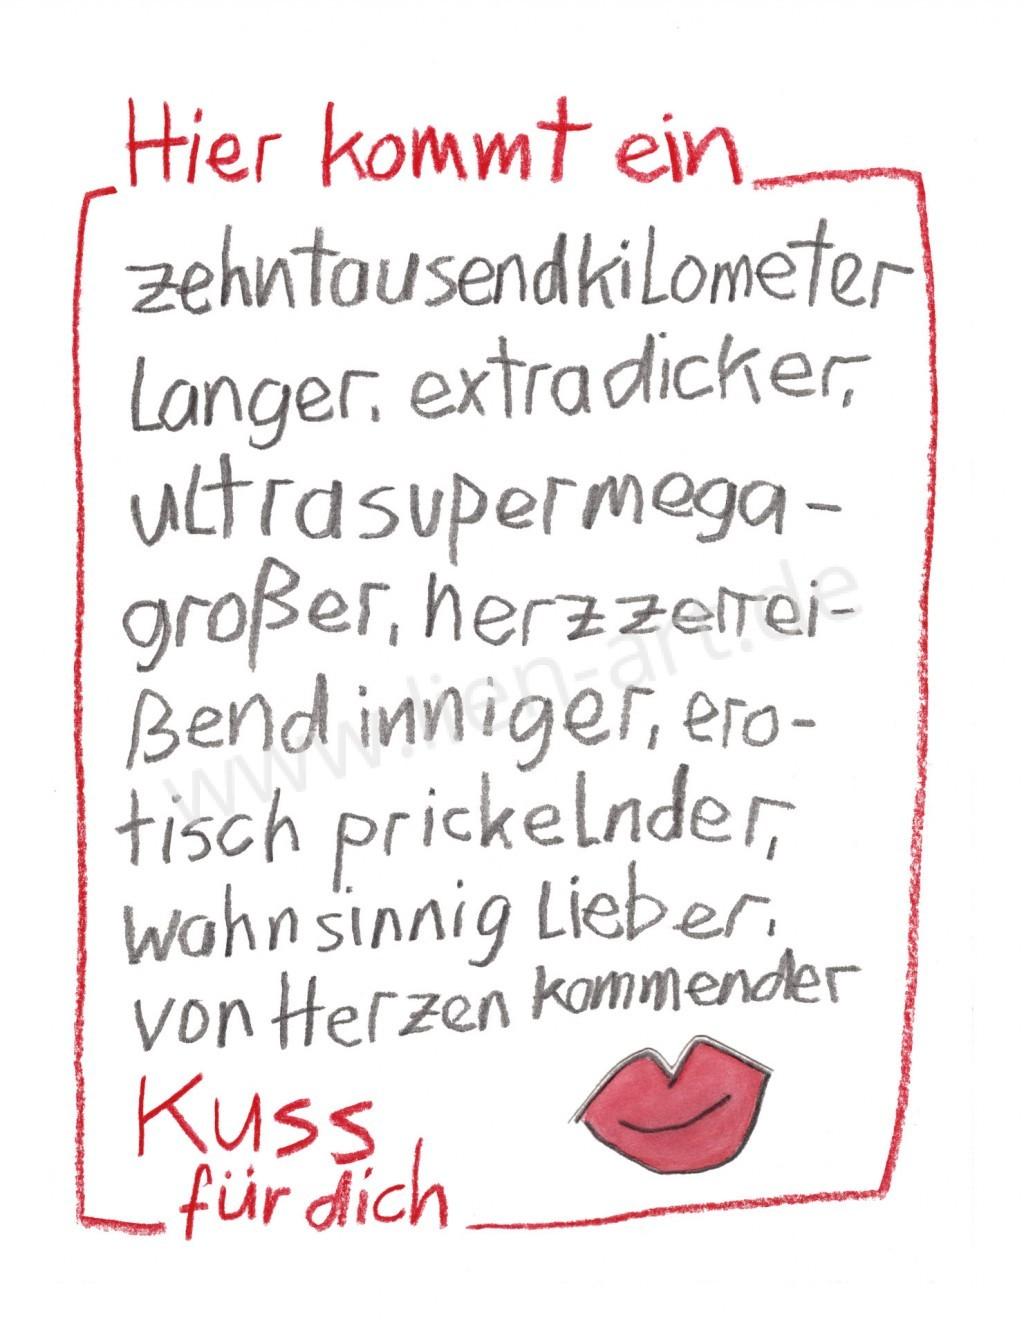 W_PK1104_Kuss